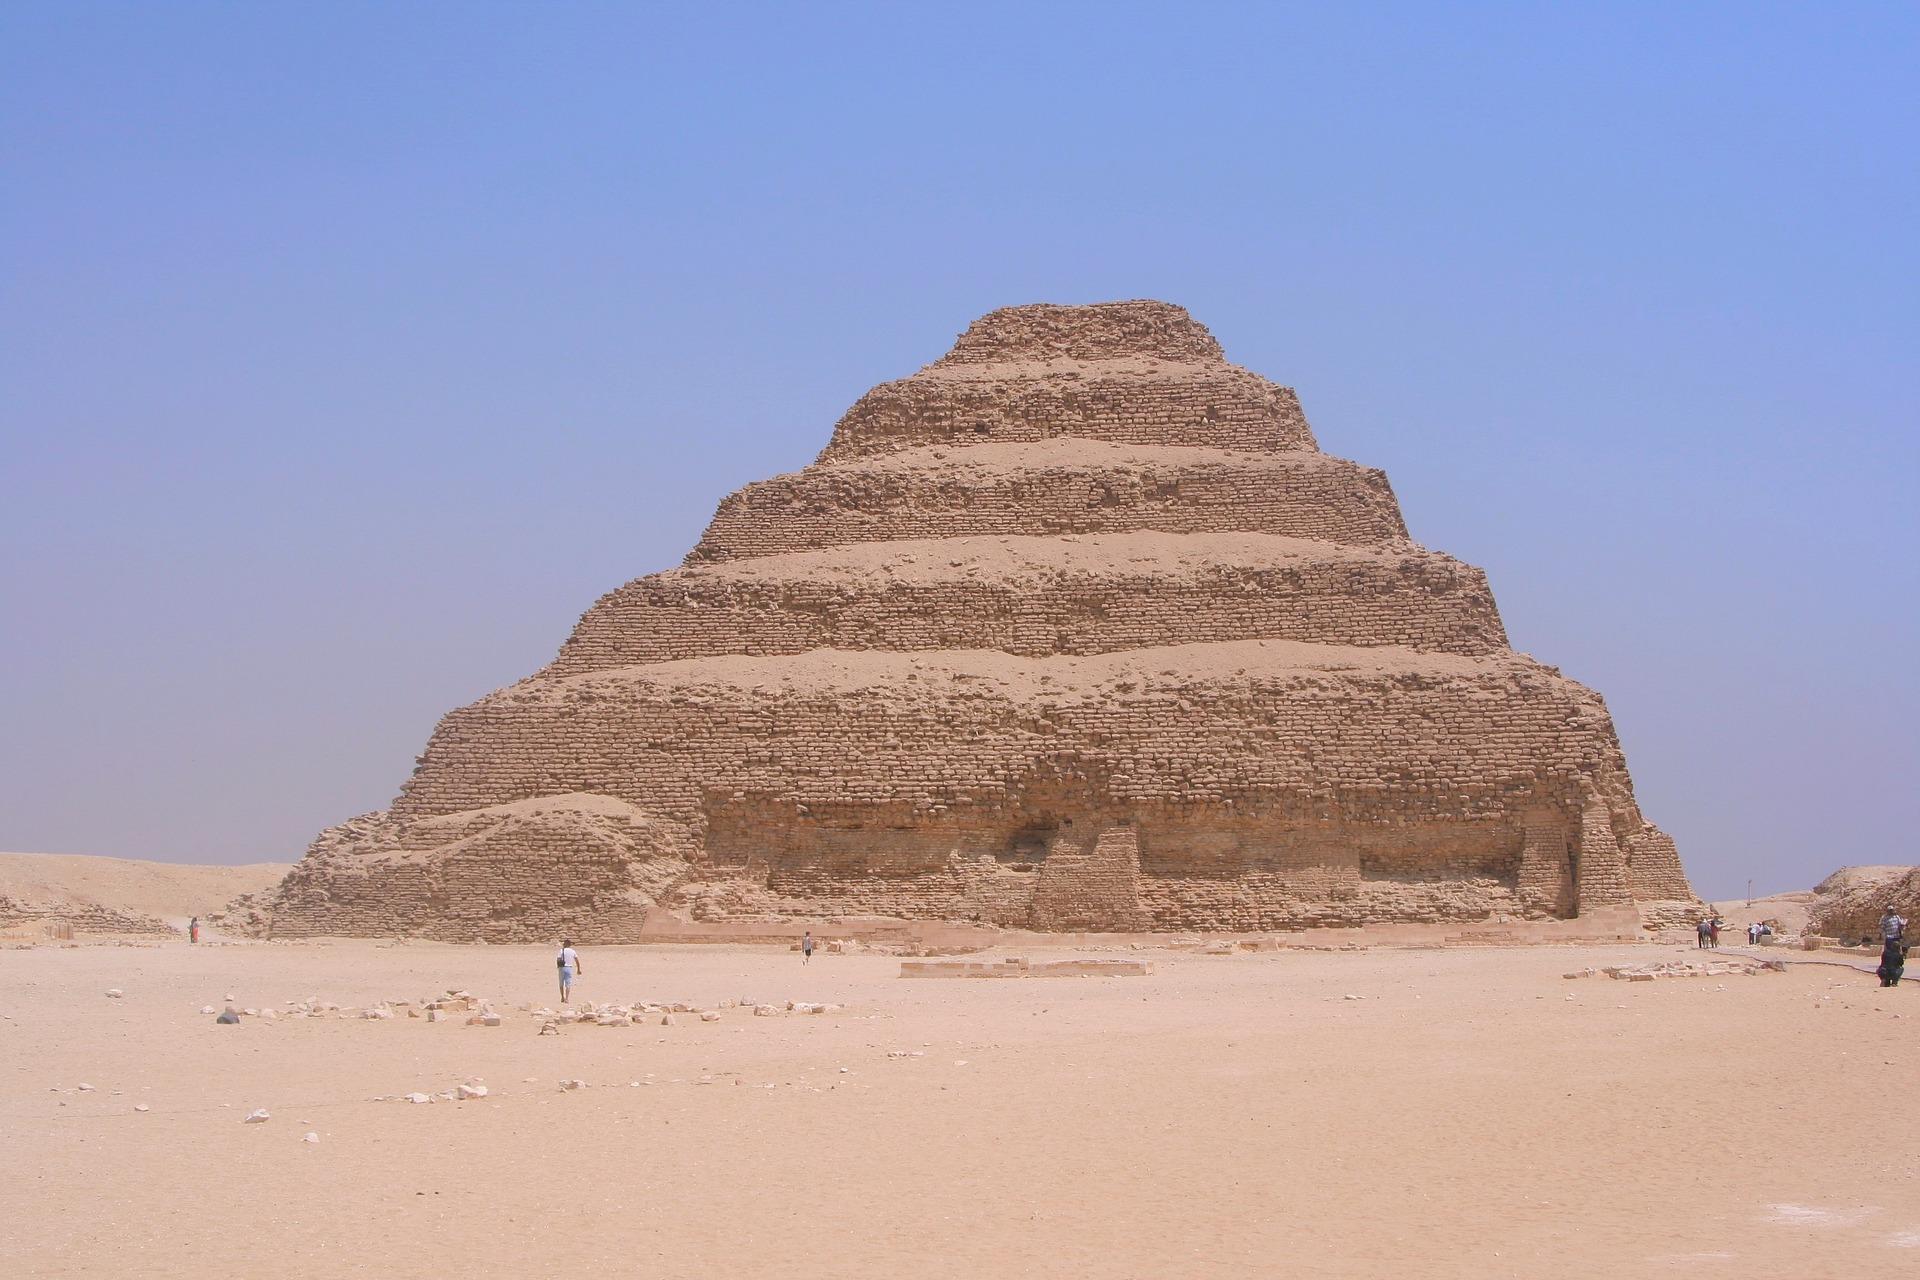 Piramide di Djoser Saqqara riapertura e informazioni